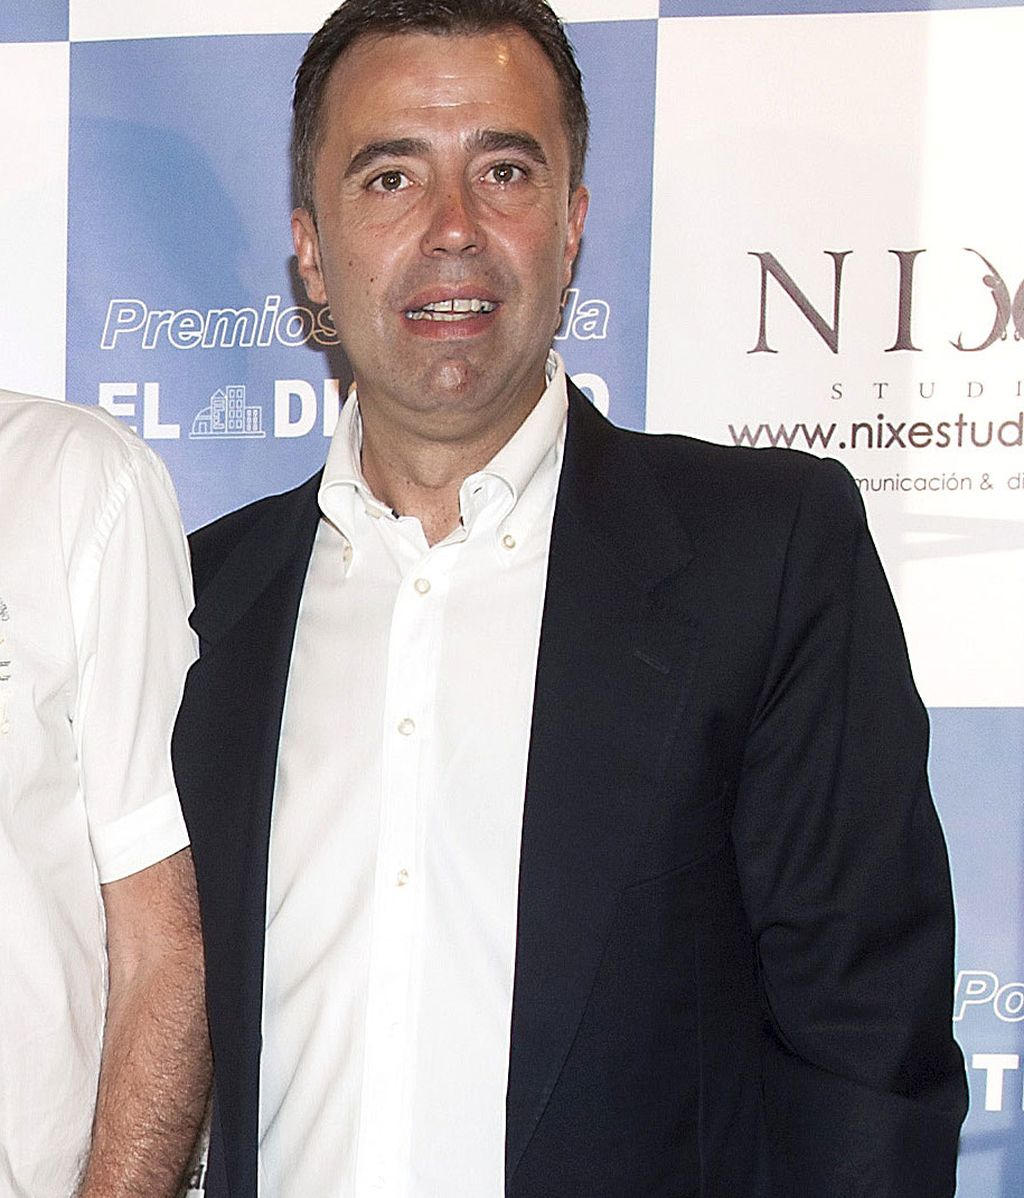 José Antonio Luque